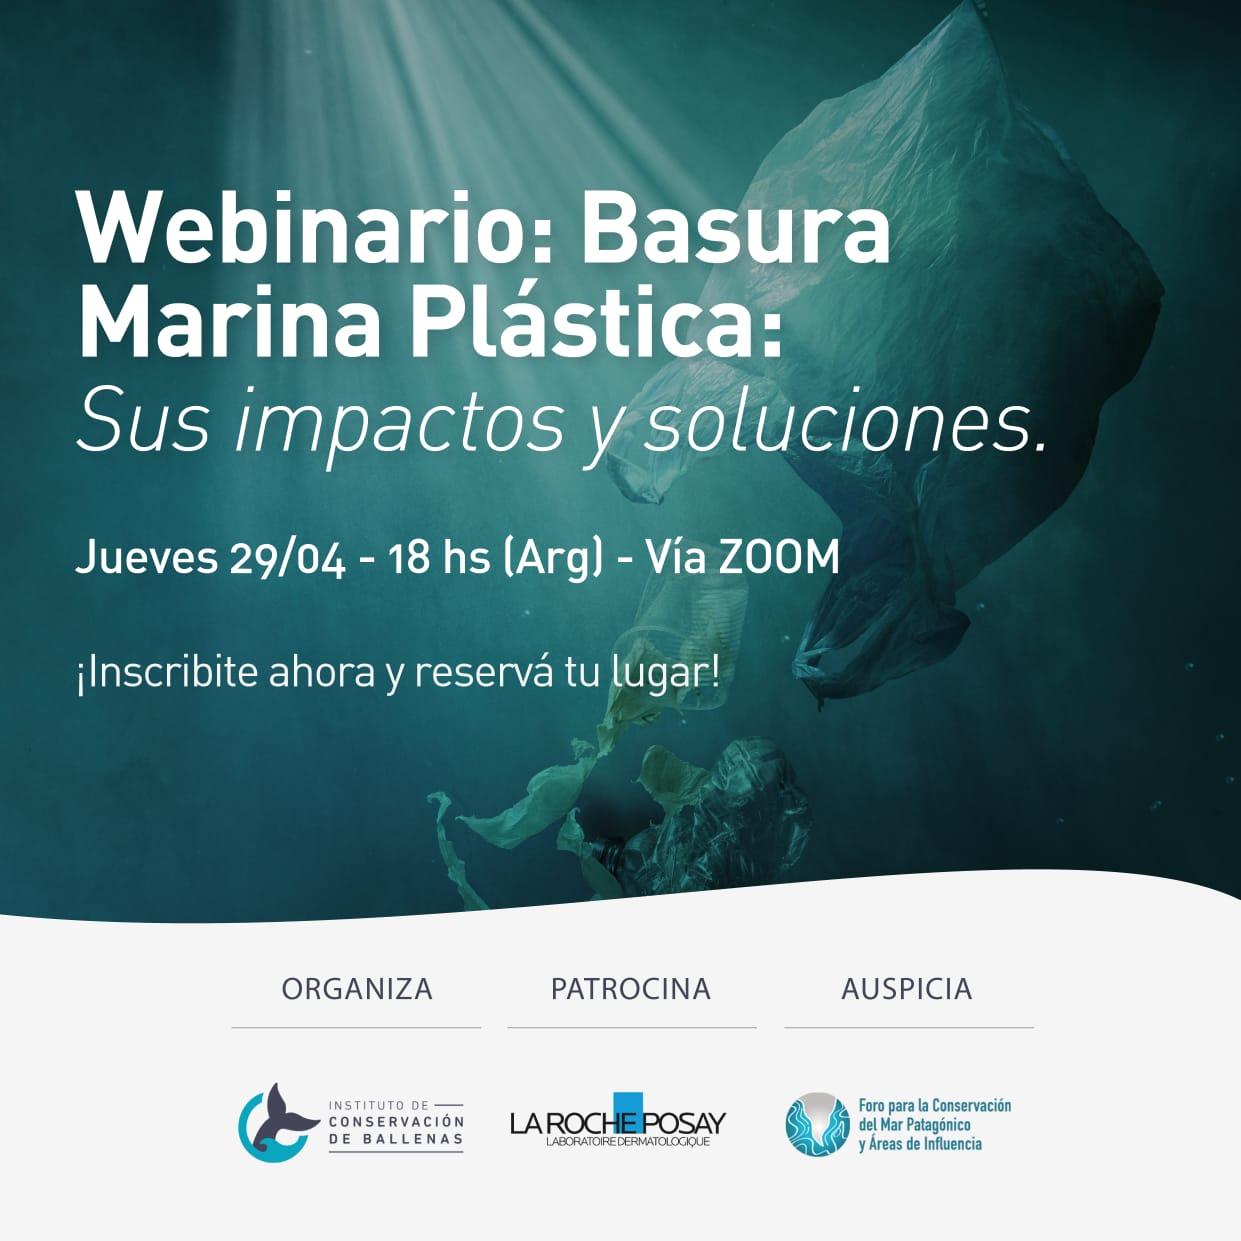 Presentes en el webinario Basura Marina Plástica. Sus impactos y soluciones